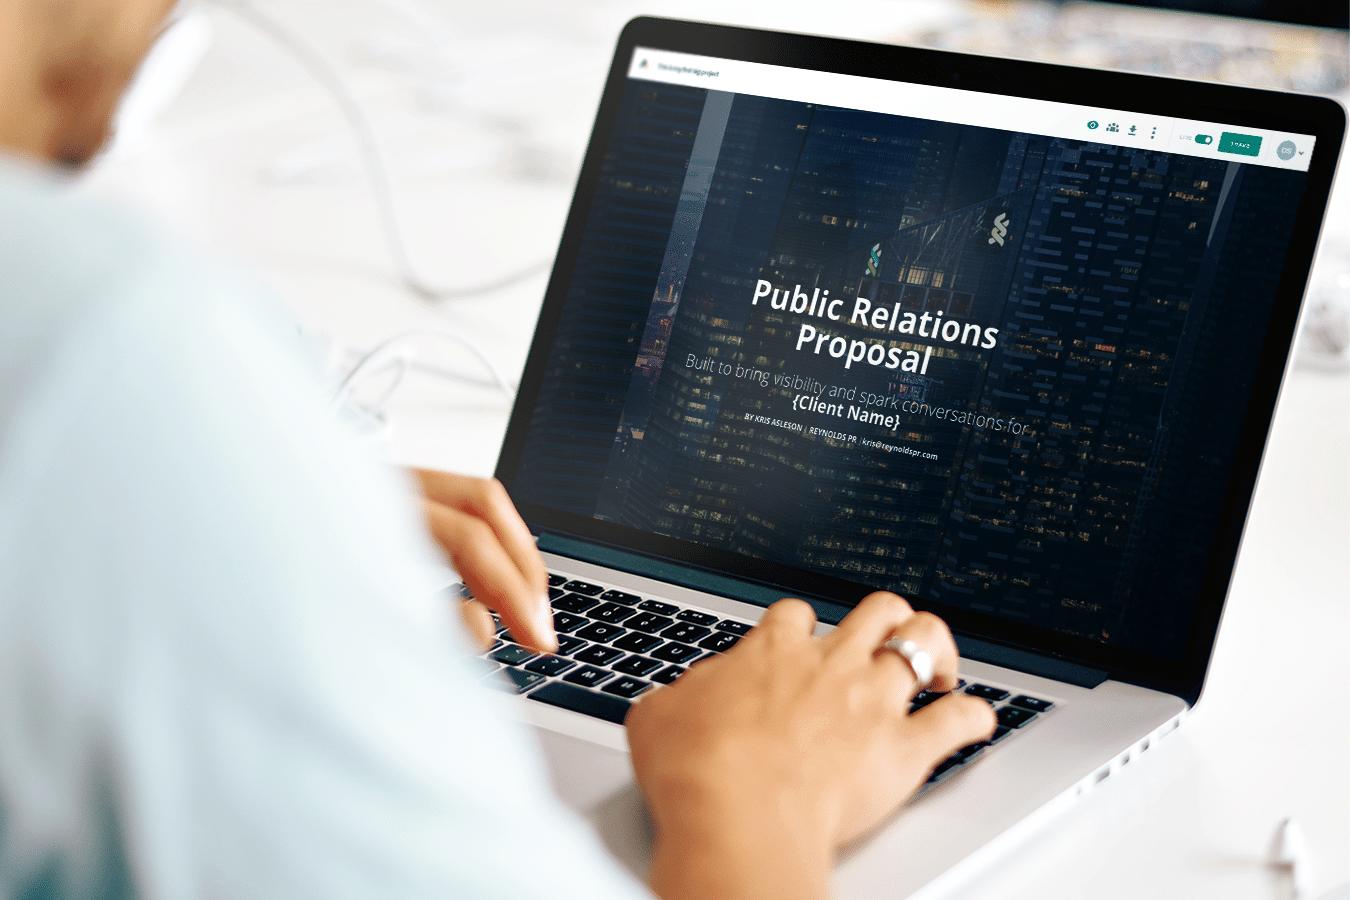 public-relations-proposal-template-desktop